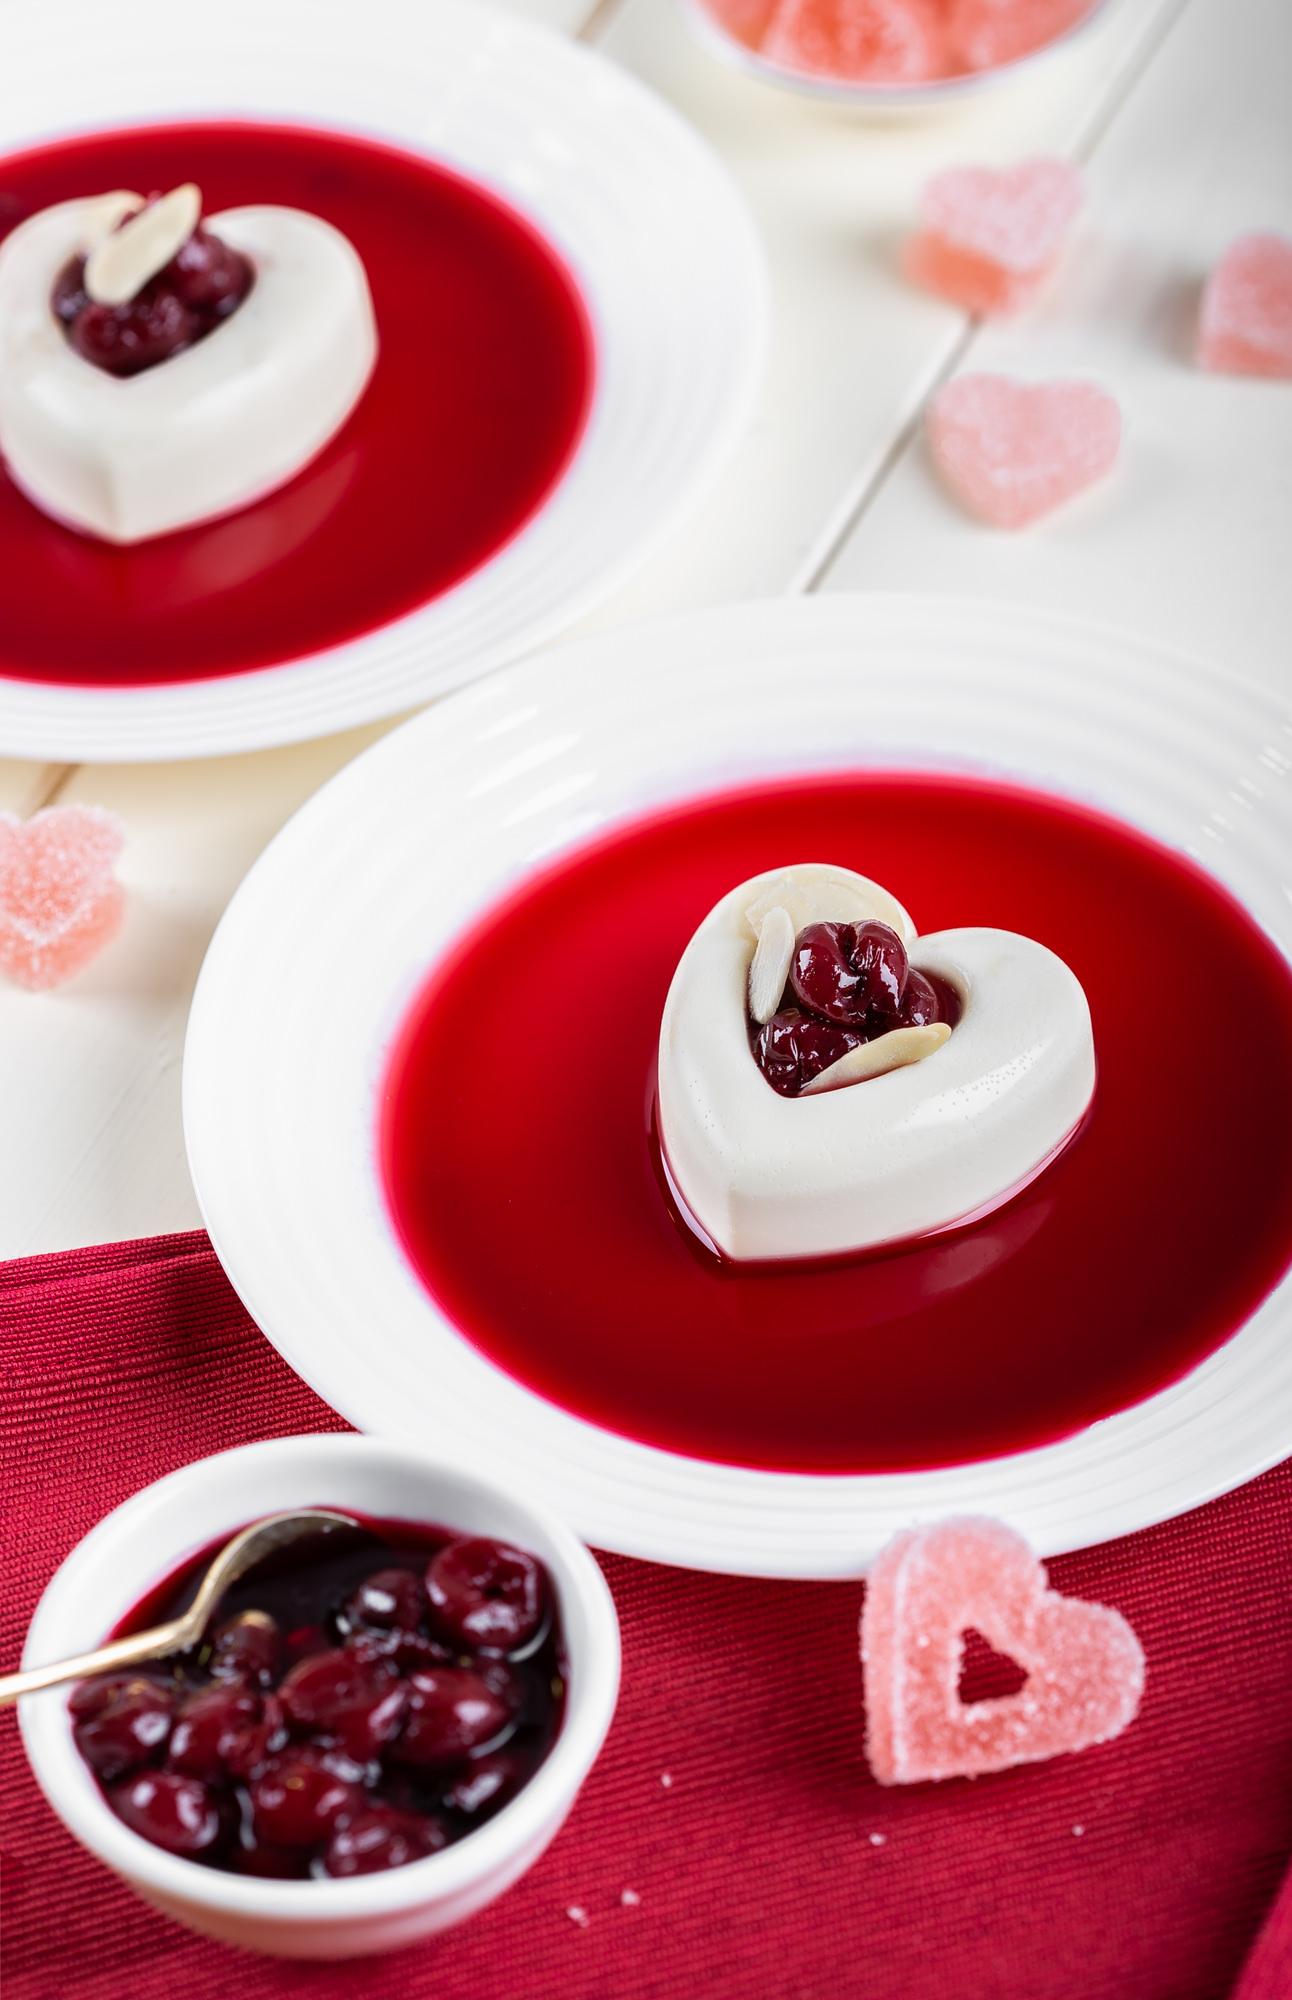 Panna Cotta s bademovim mlijekom i bijelom čokoladom Darkova Web Kuharica Recept za Valentinovo Desert